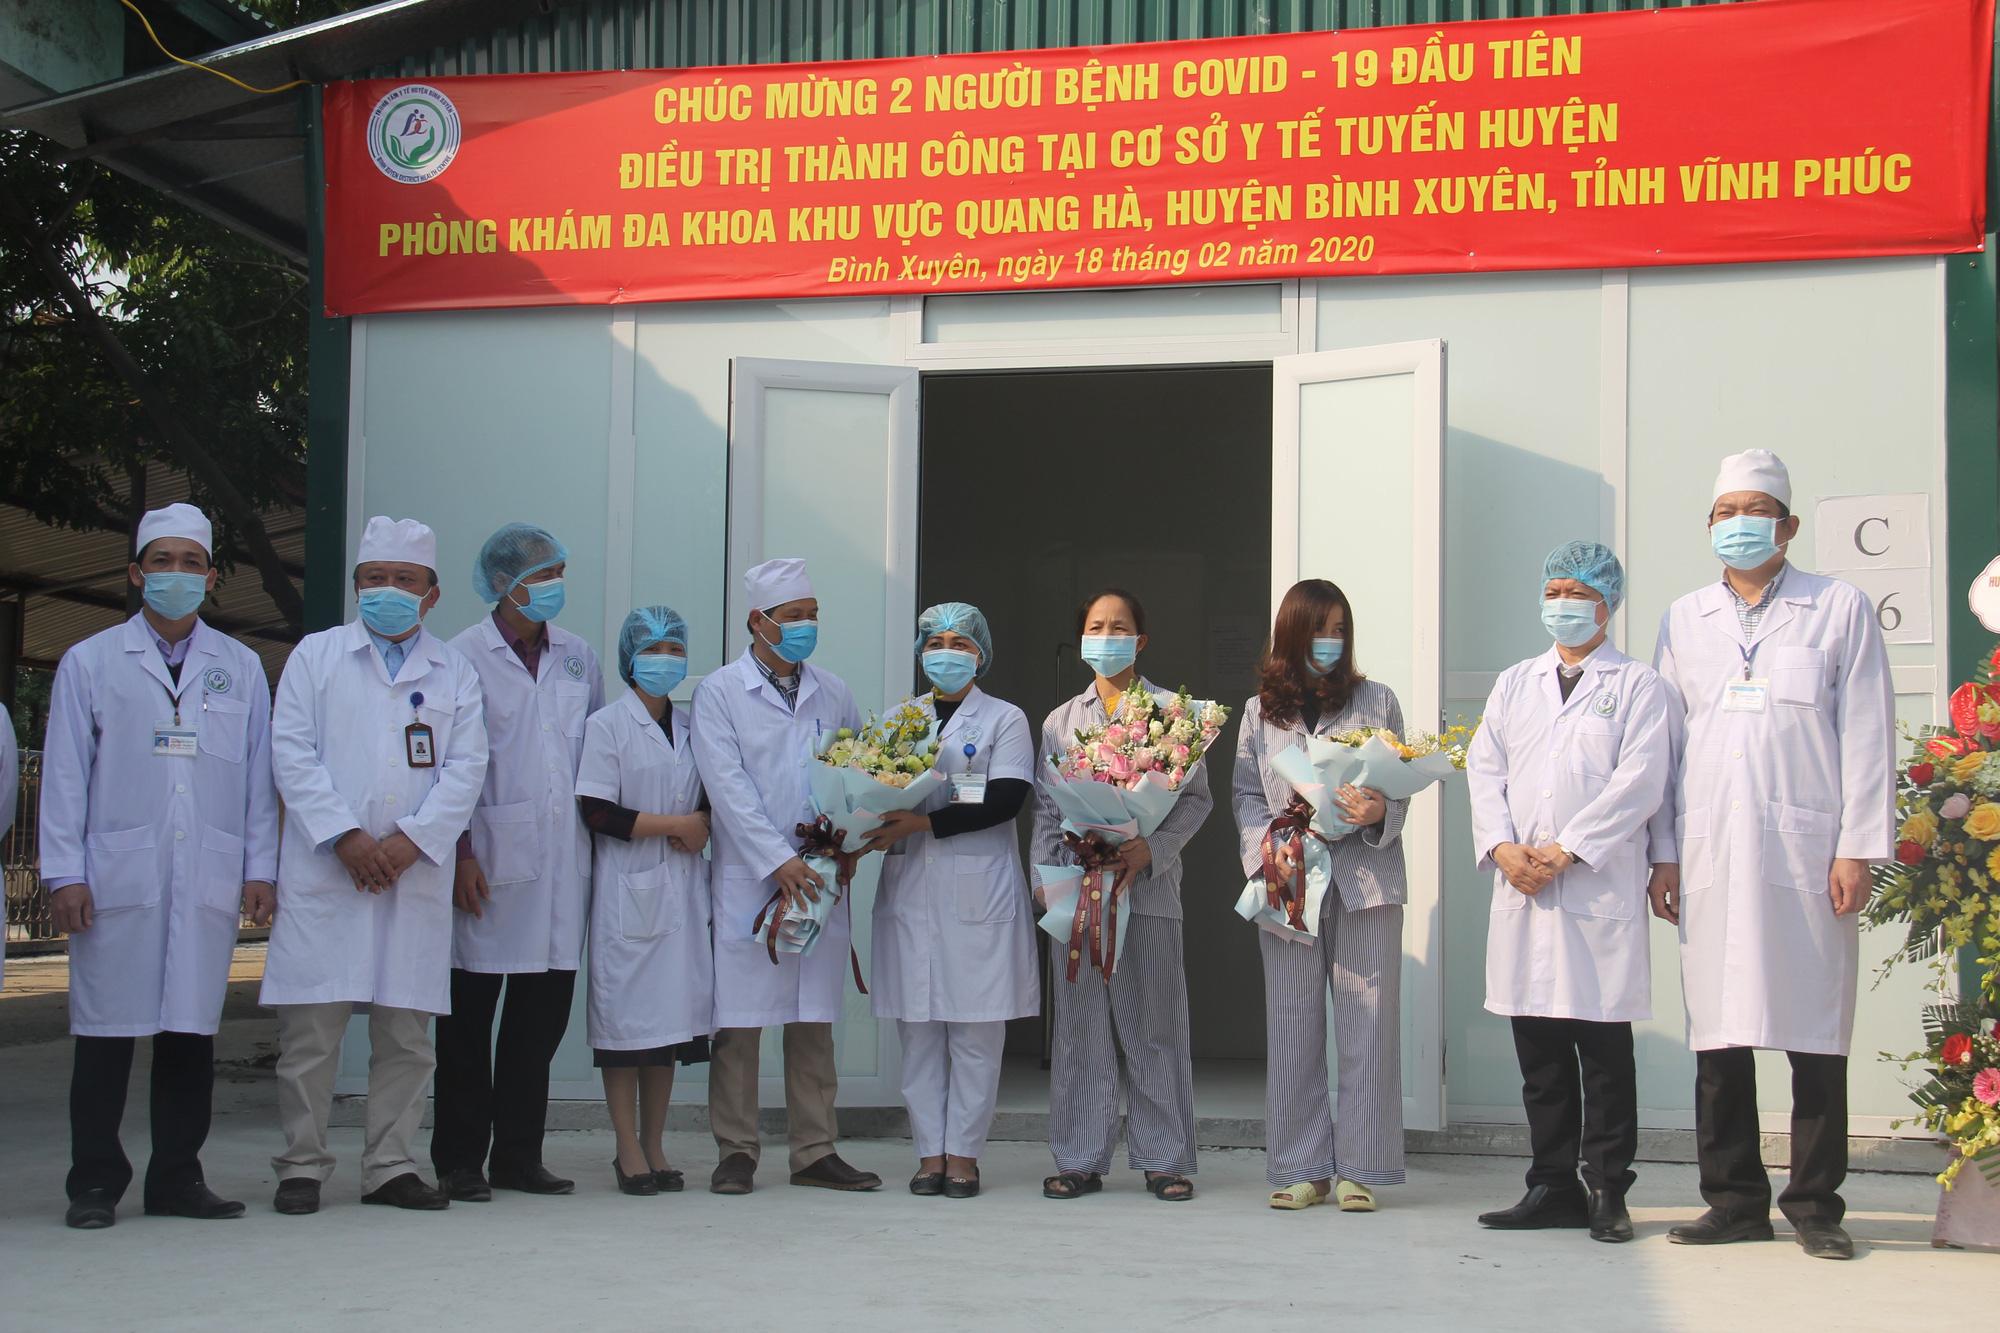 Người nhiễm SARS-Cov-2 cuối cùng ở Vĩnh Phúc đã 2 lần xét nghiệm âm tính, chờ xuất viện - Ảnh 1.